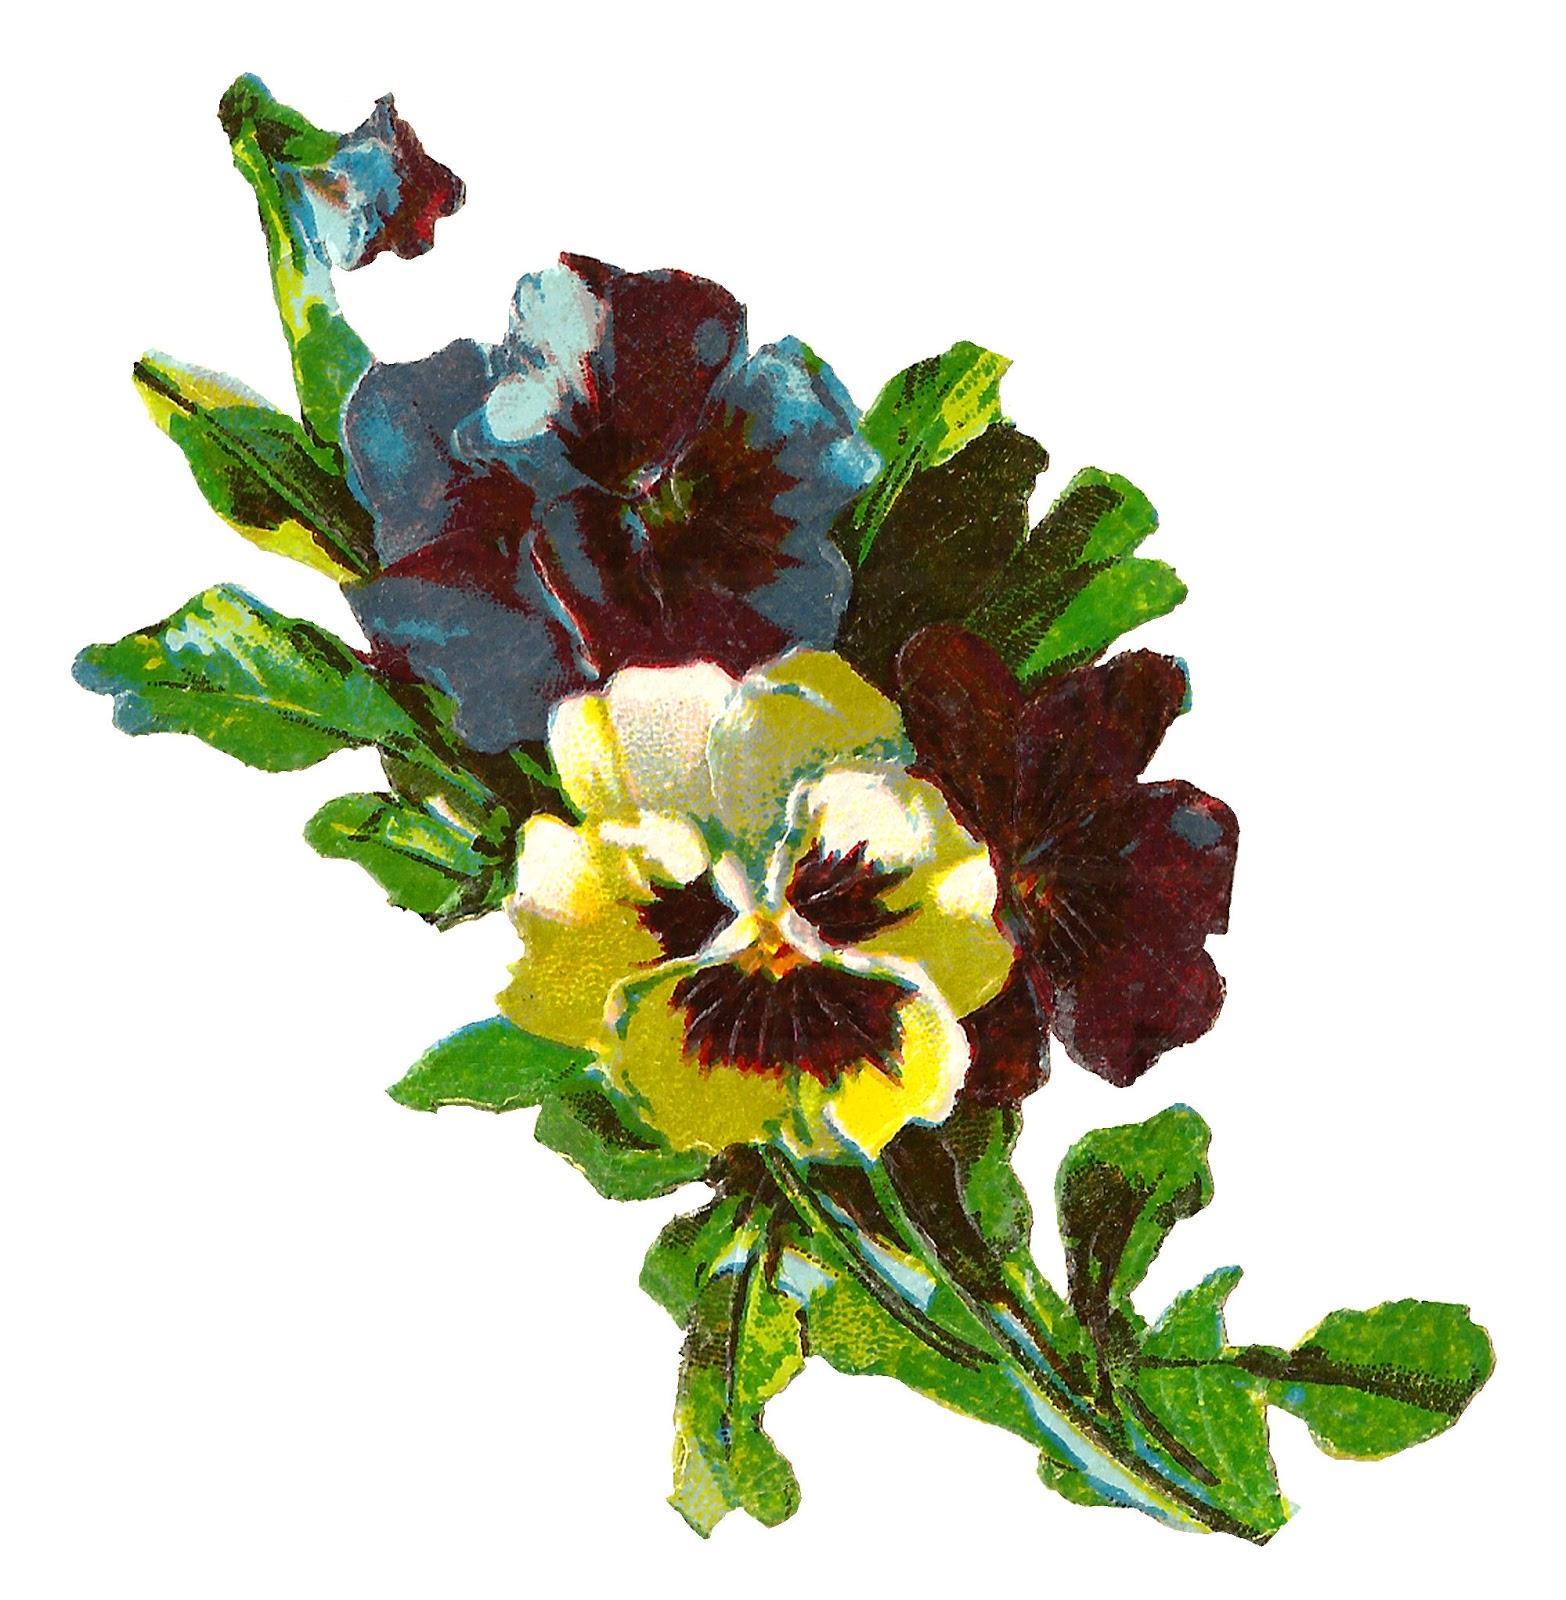 1566x1600 Antique Images Pansy Flower Artwork Image Illustration Botanical